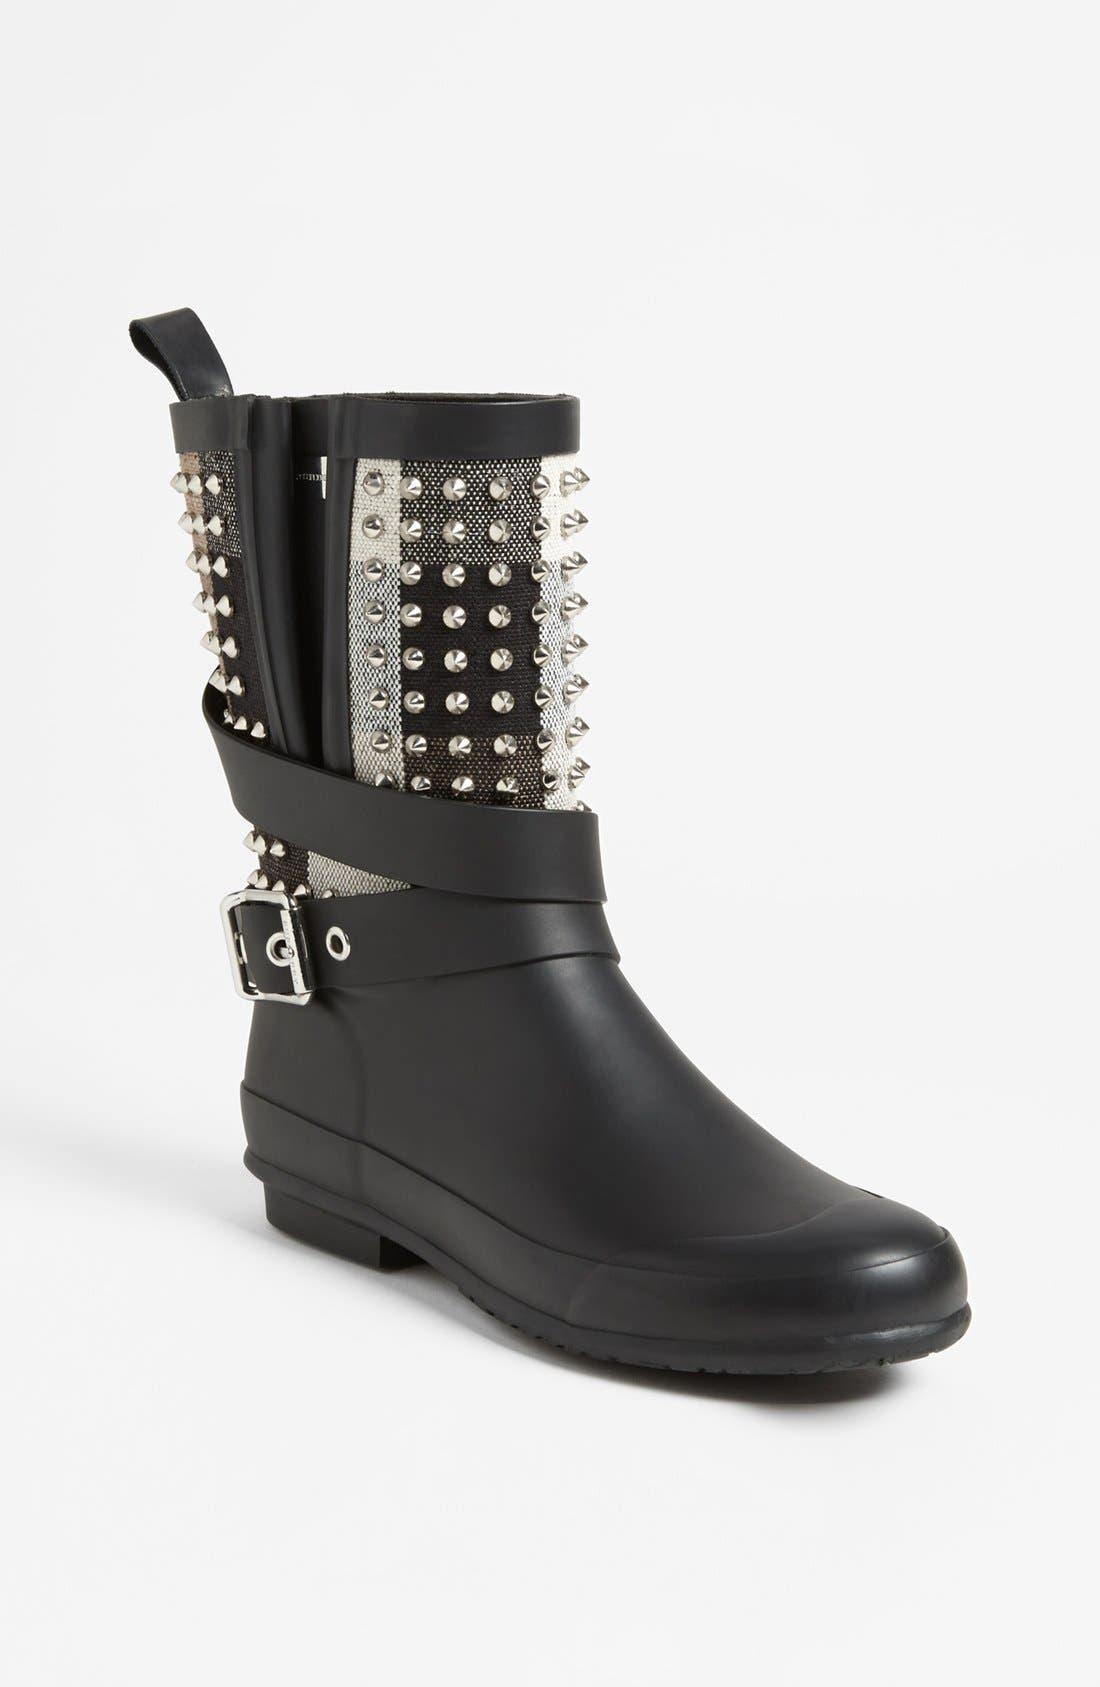 Main Image - Burberry 'Holloway' Rain Boot (Women)